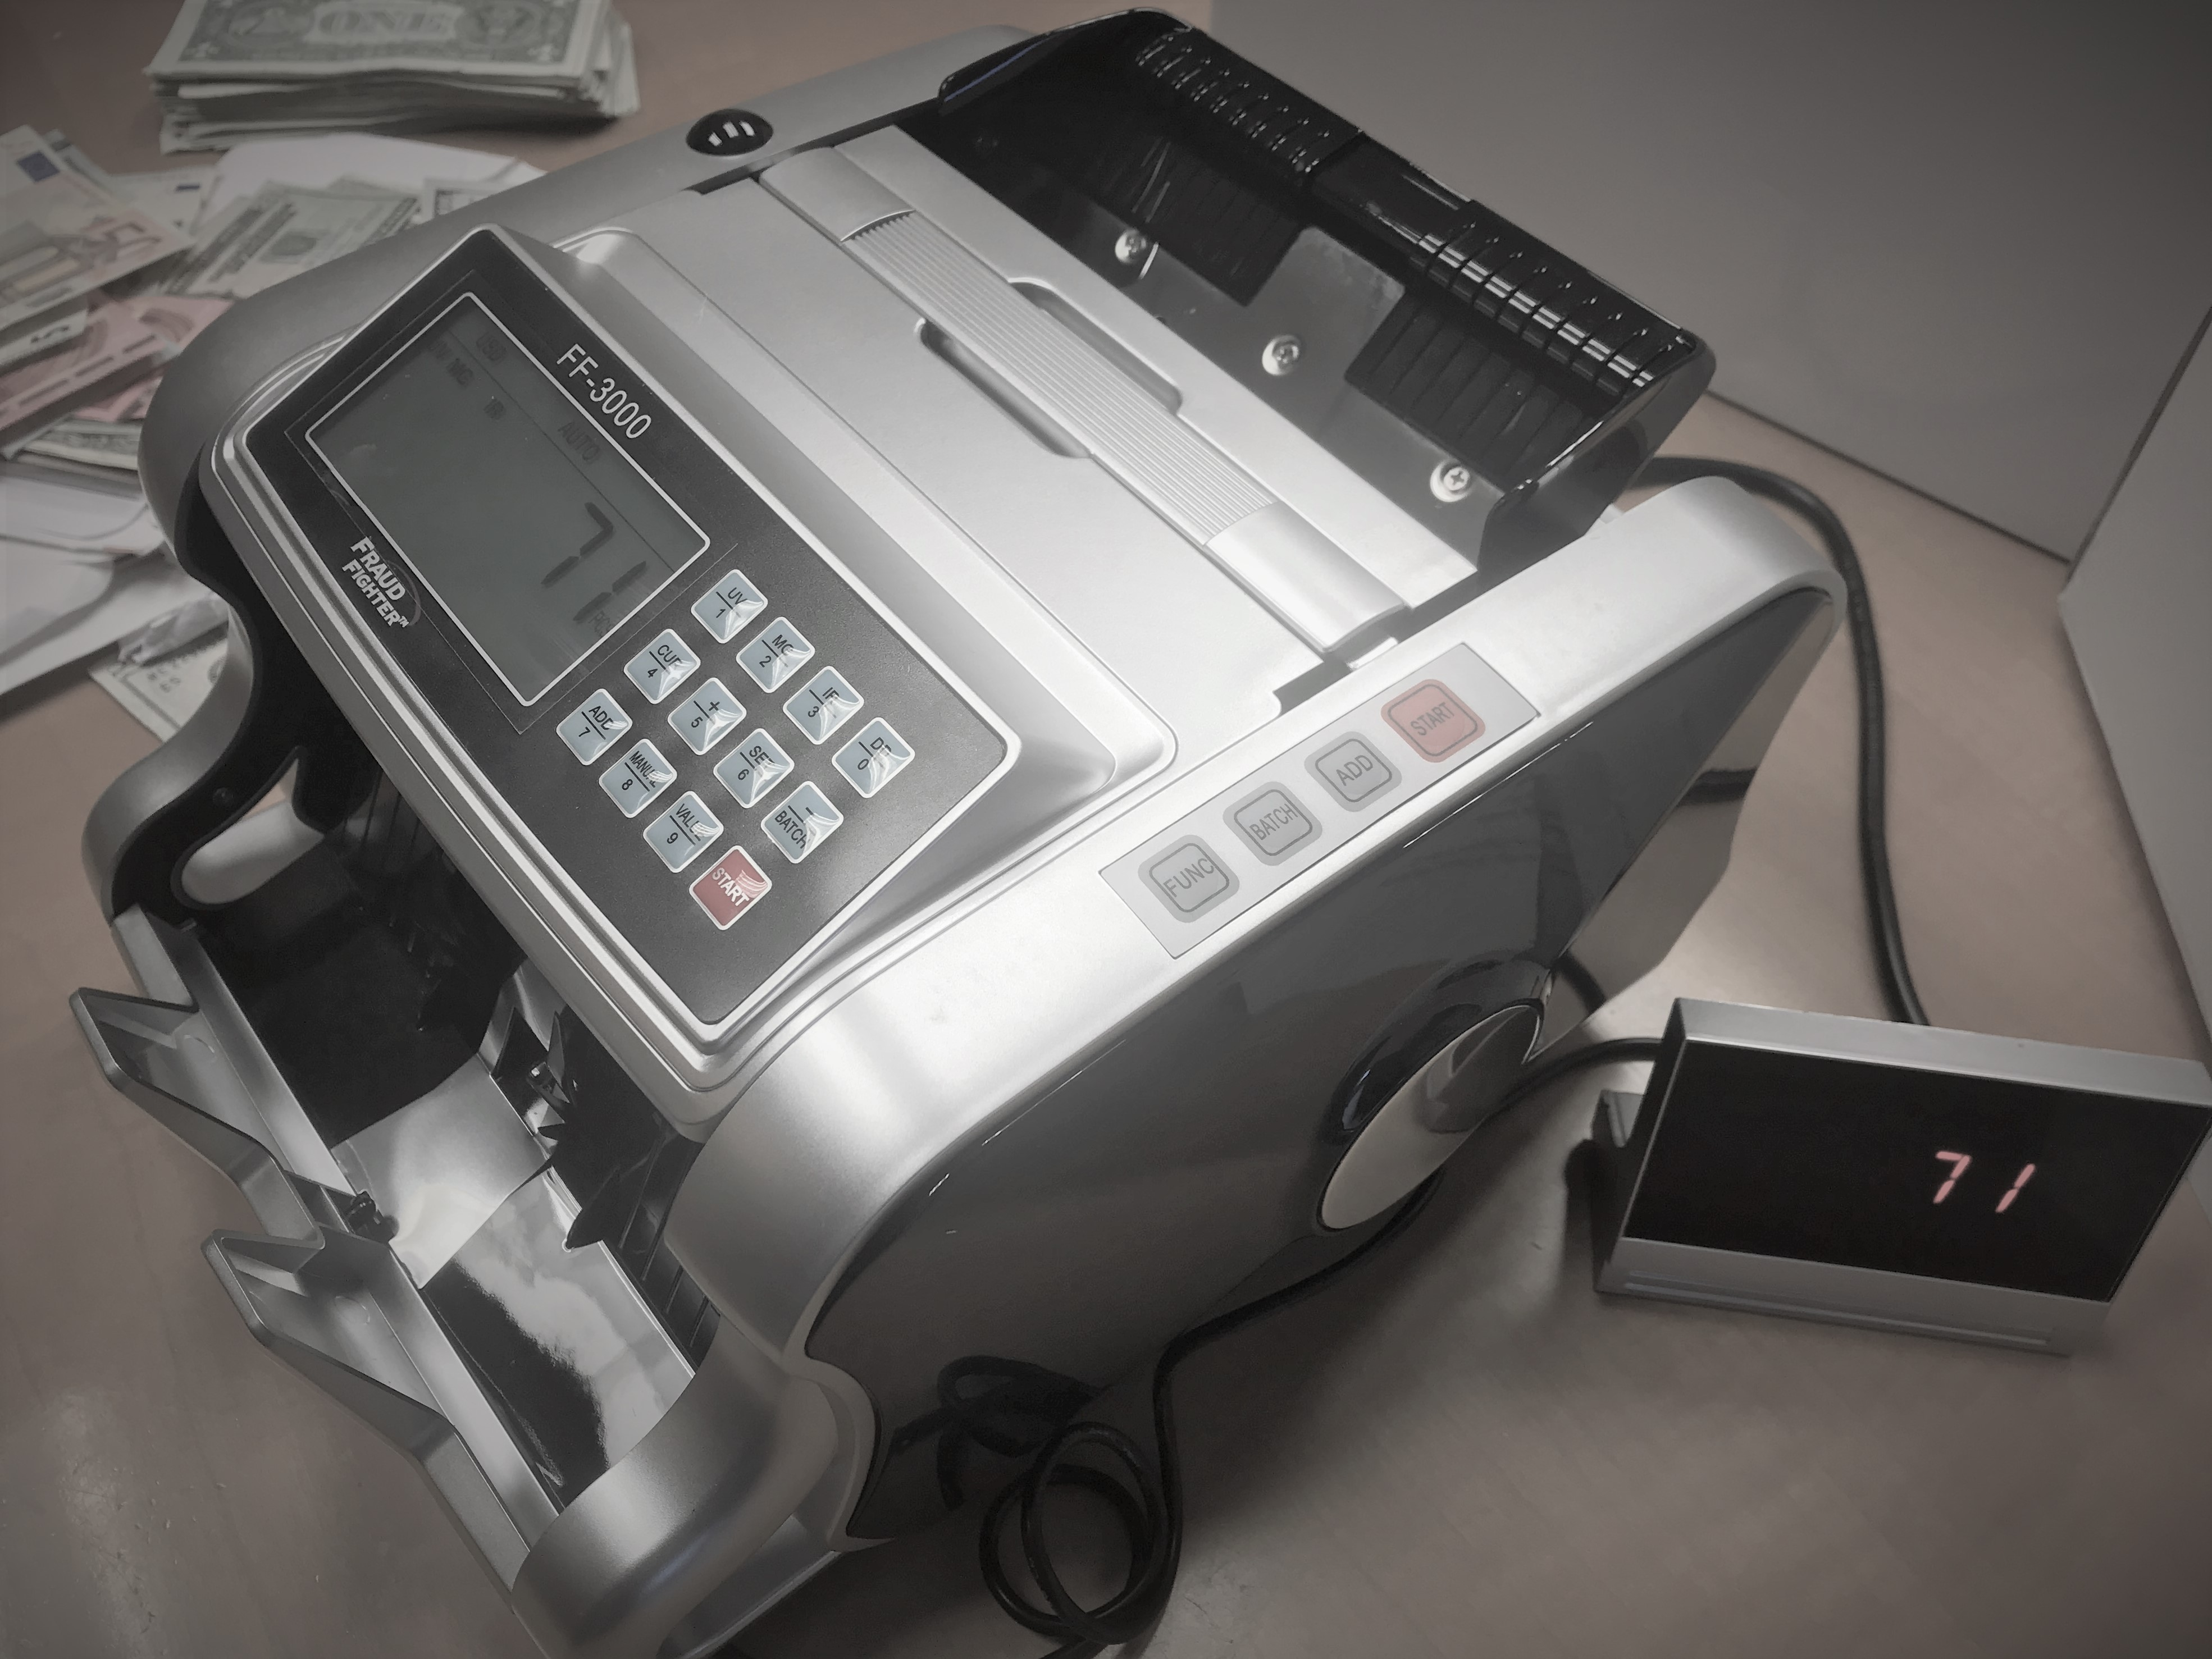 FF-3000 Bill Counter